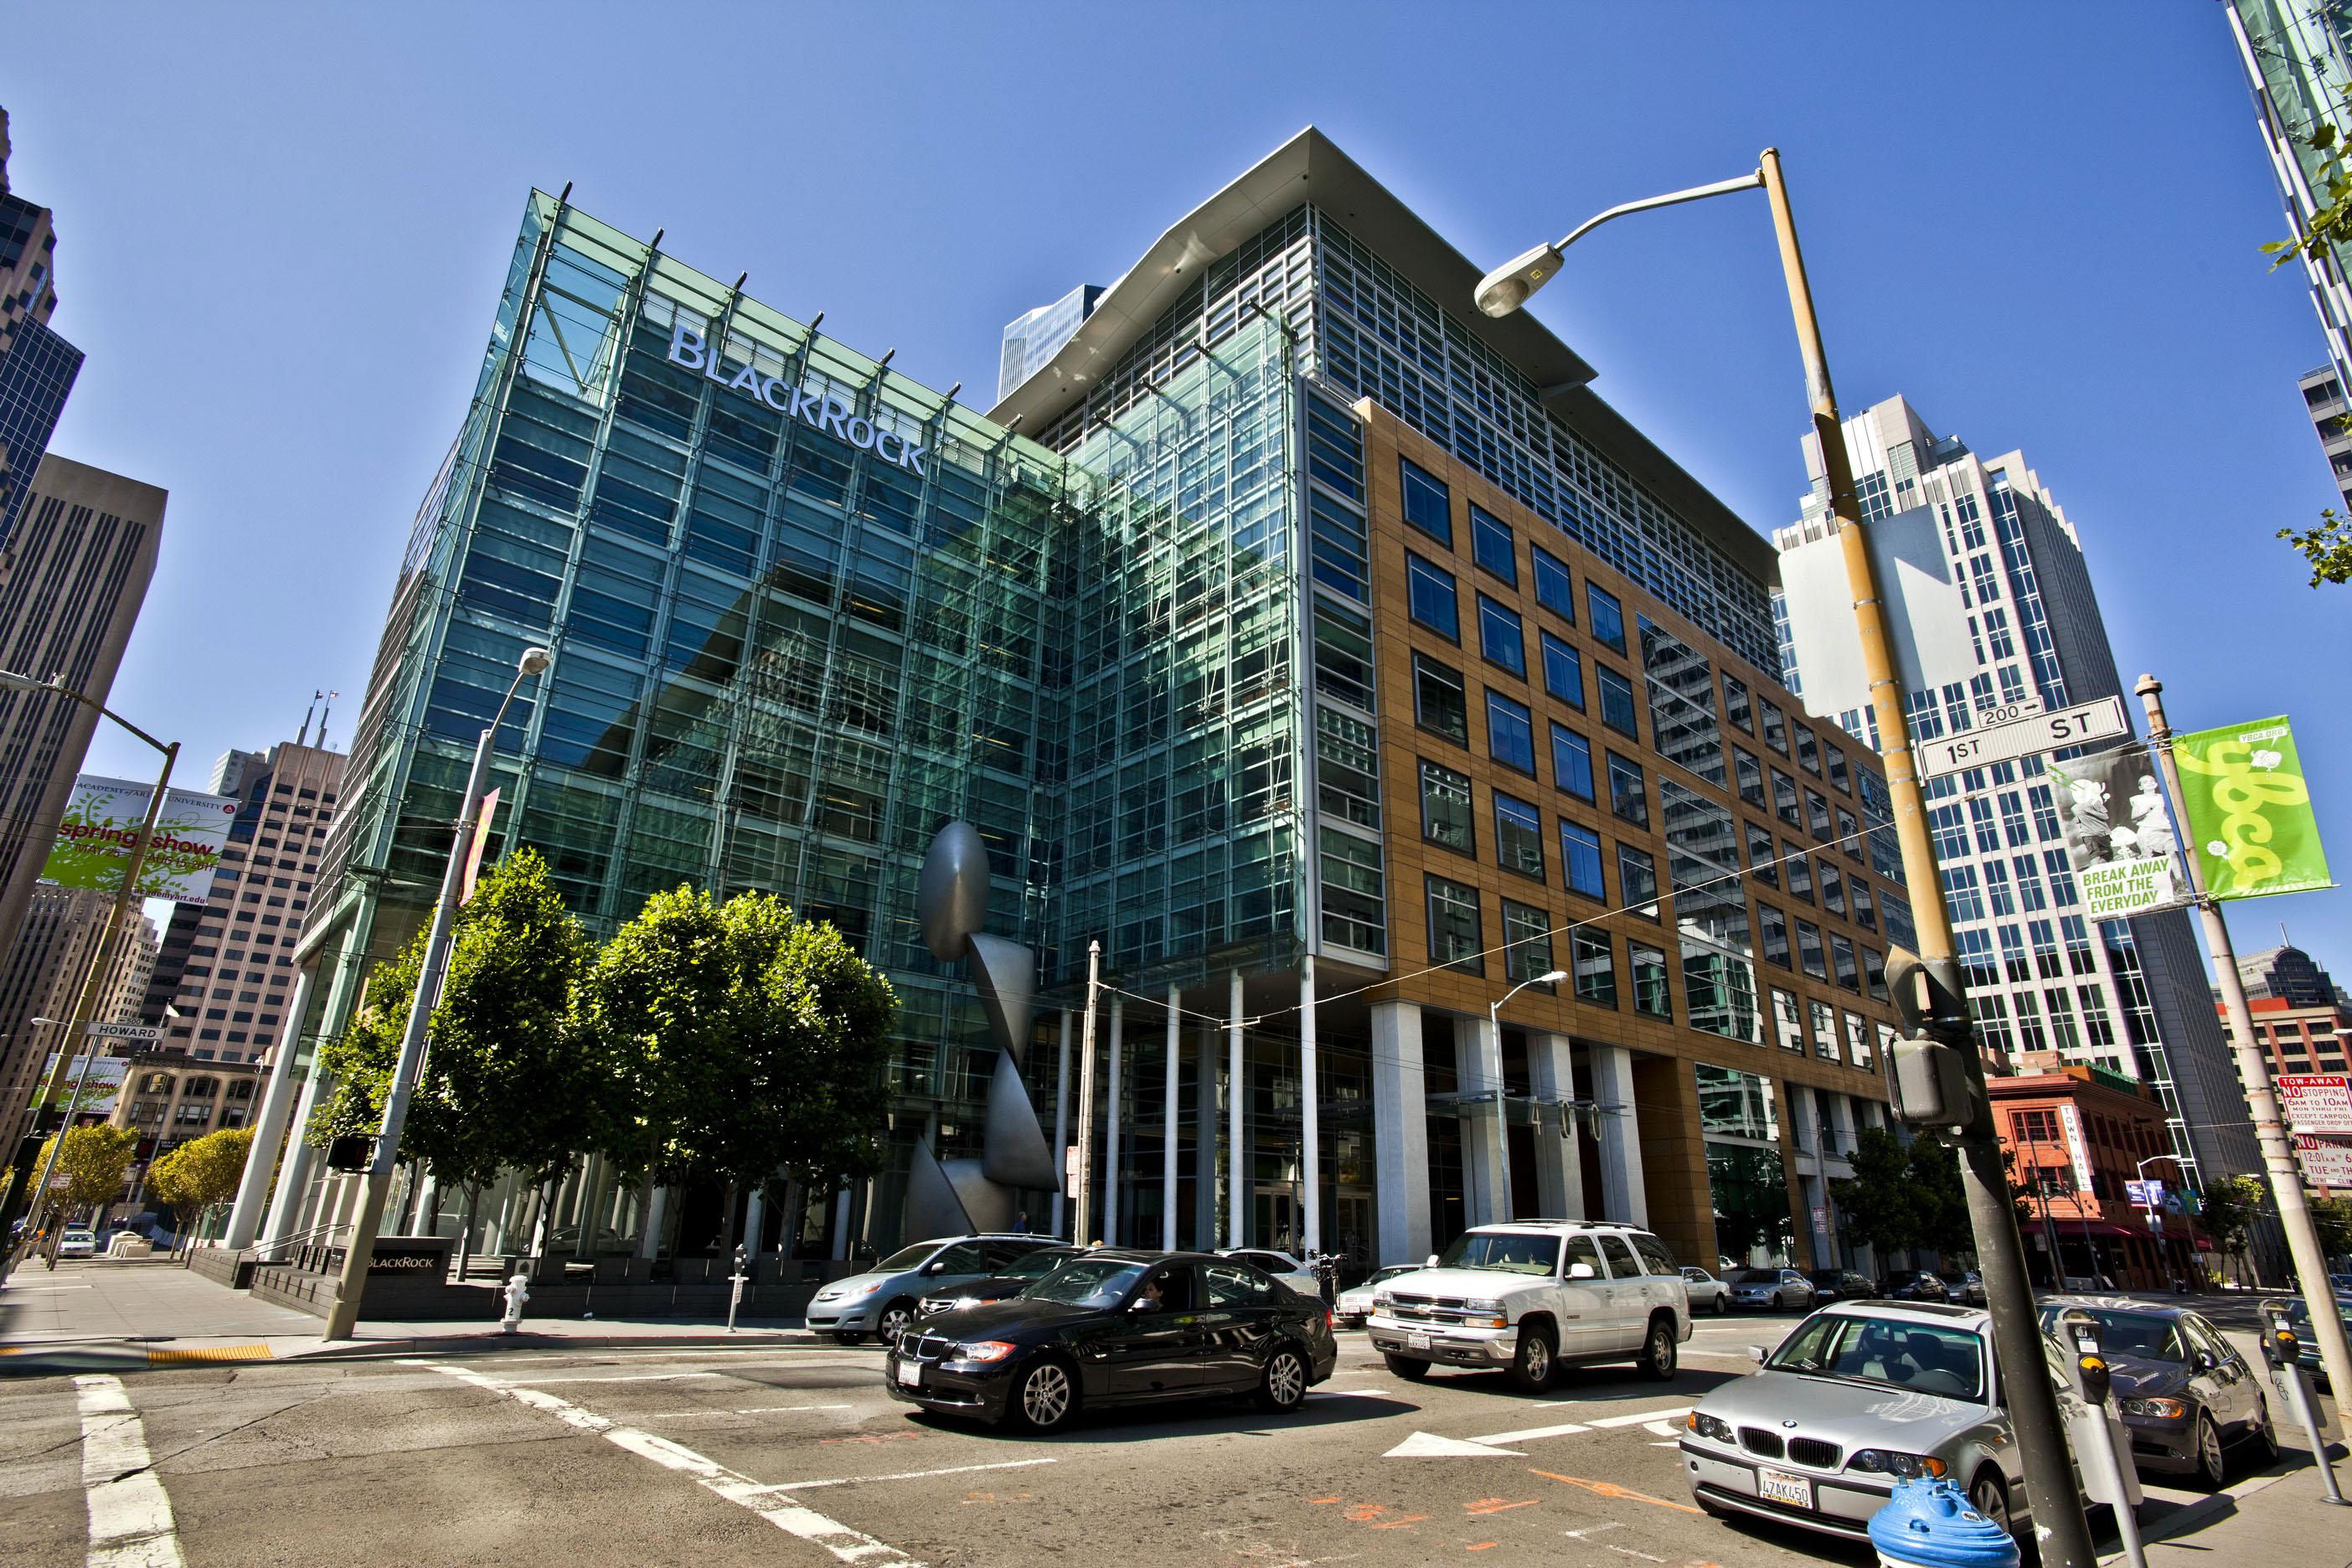 Architecture Blackrock Bldg cnr Howard and Fremont St San Francisco CA July 2011 03